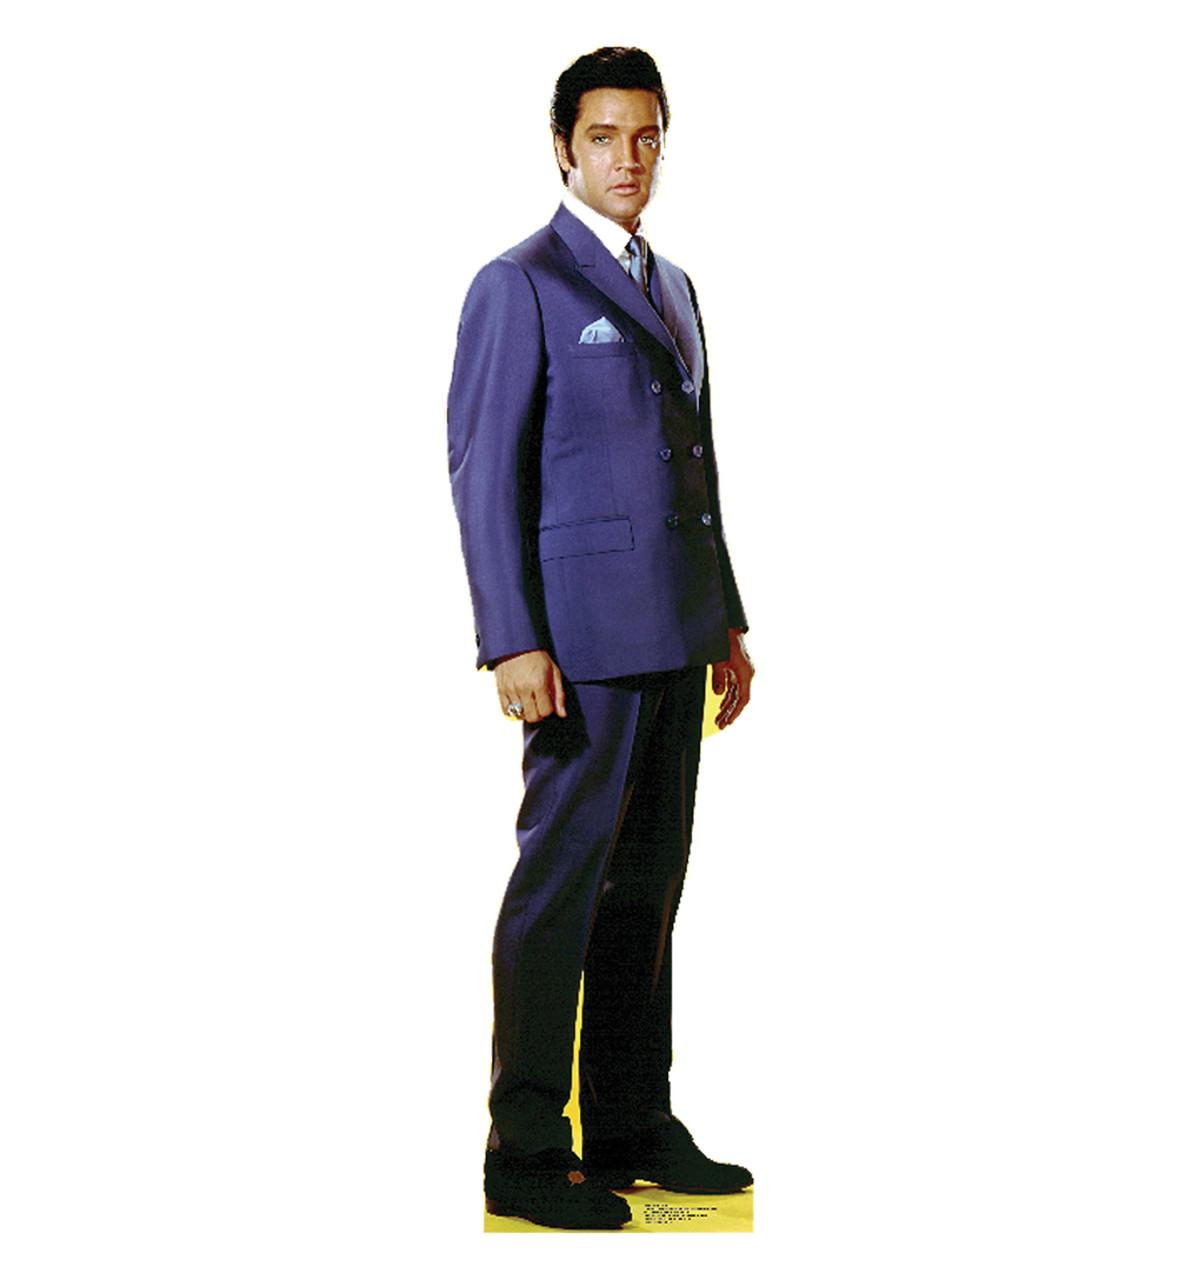 Elvis Blue Jacket - Talking - Cardboard Cutout 842T